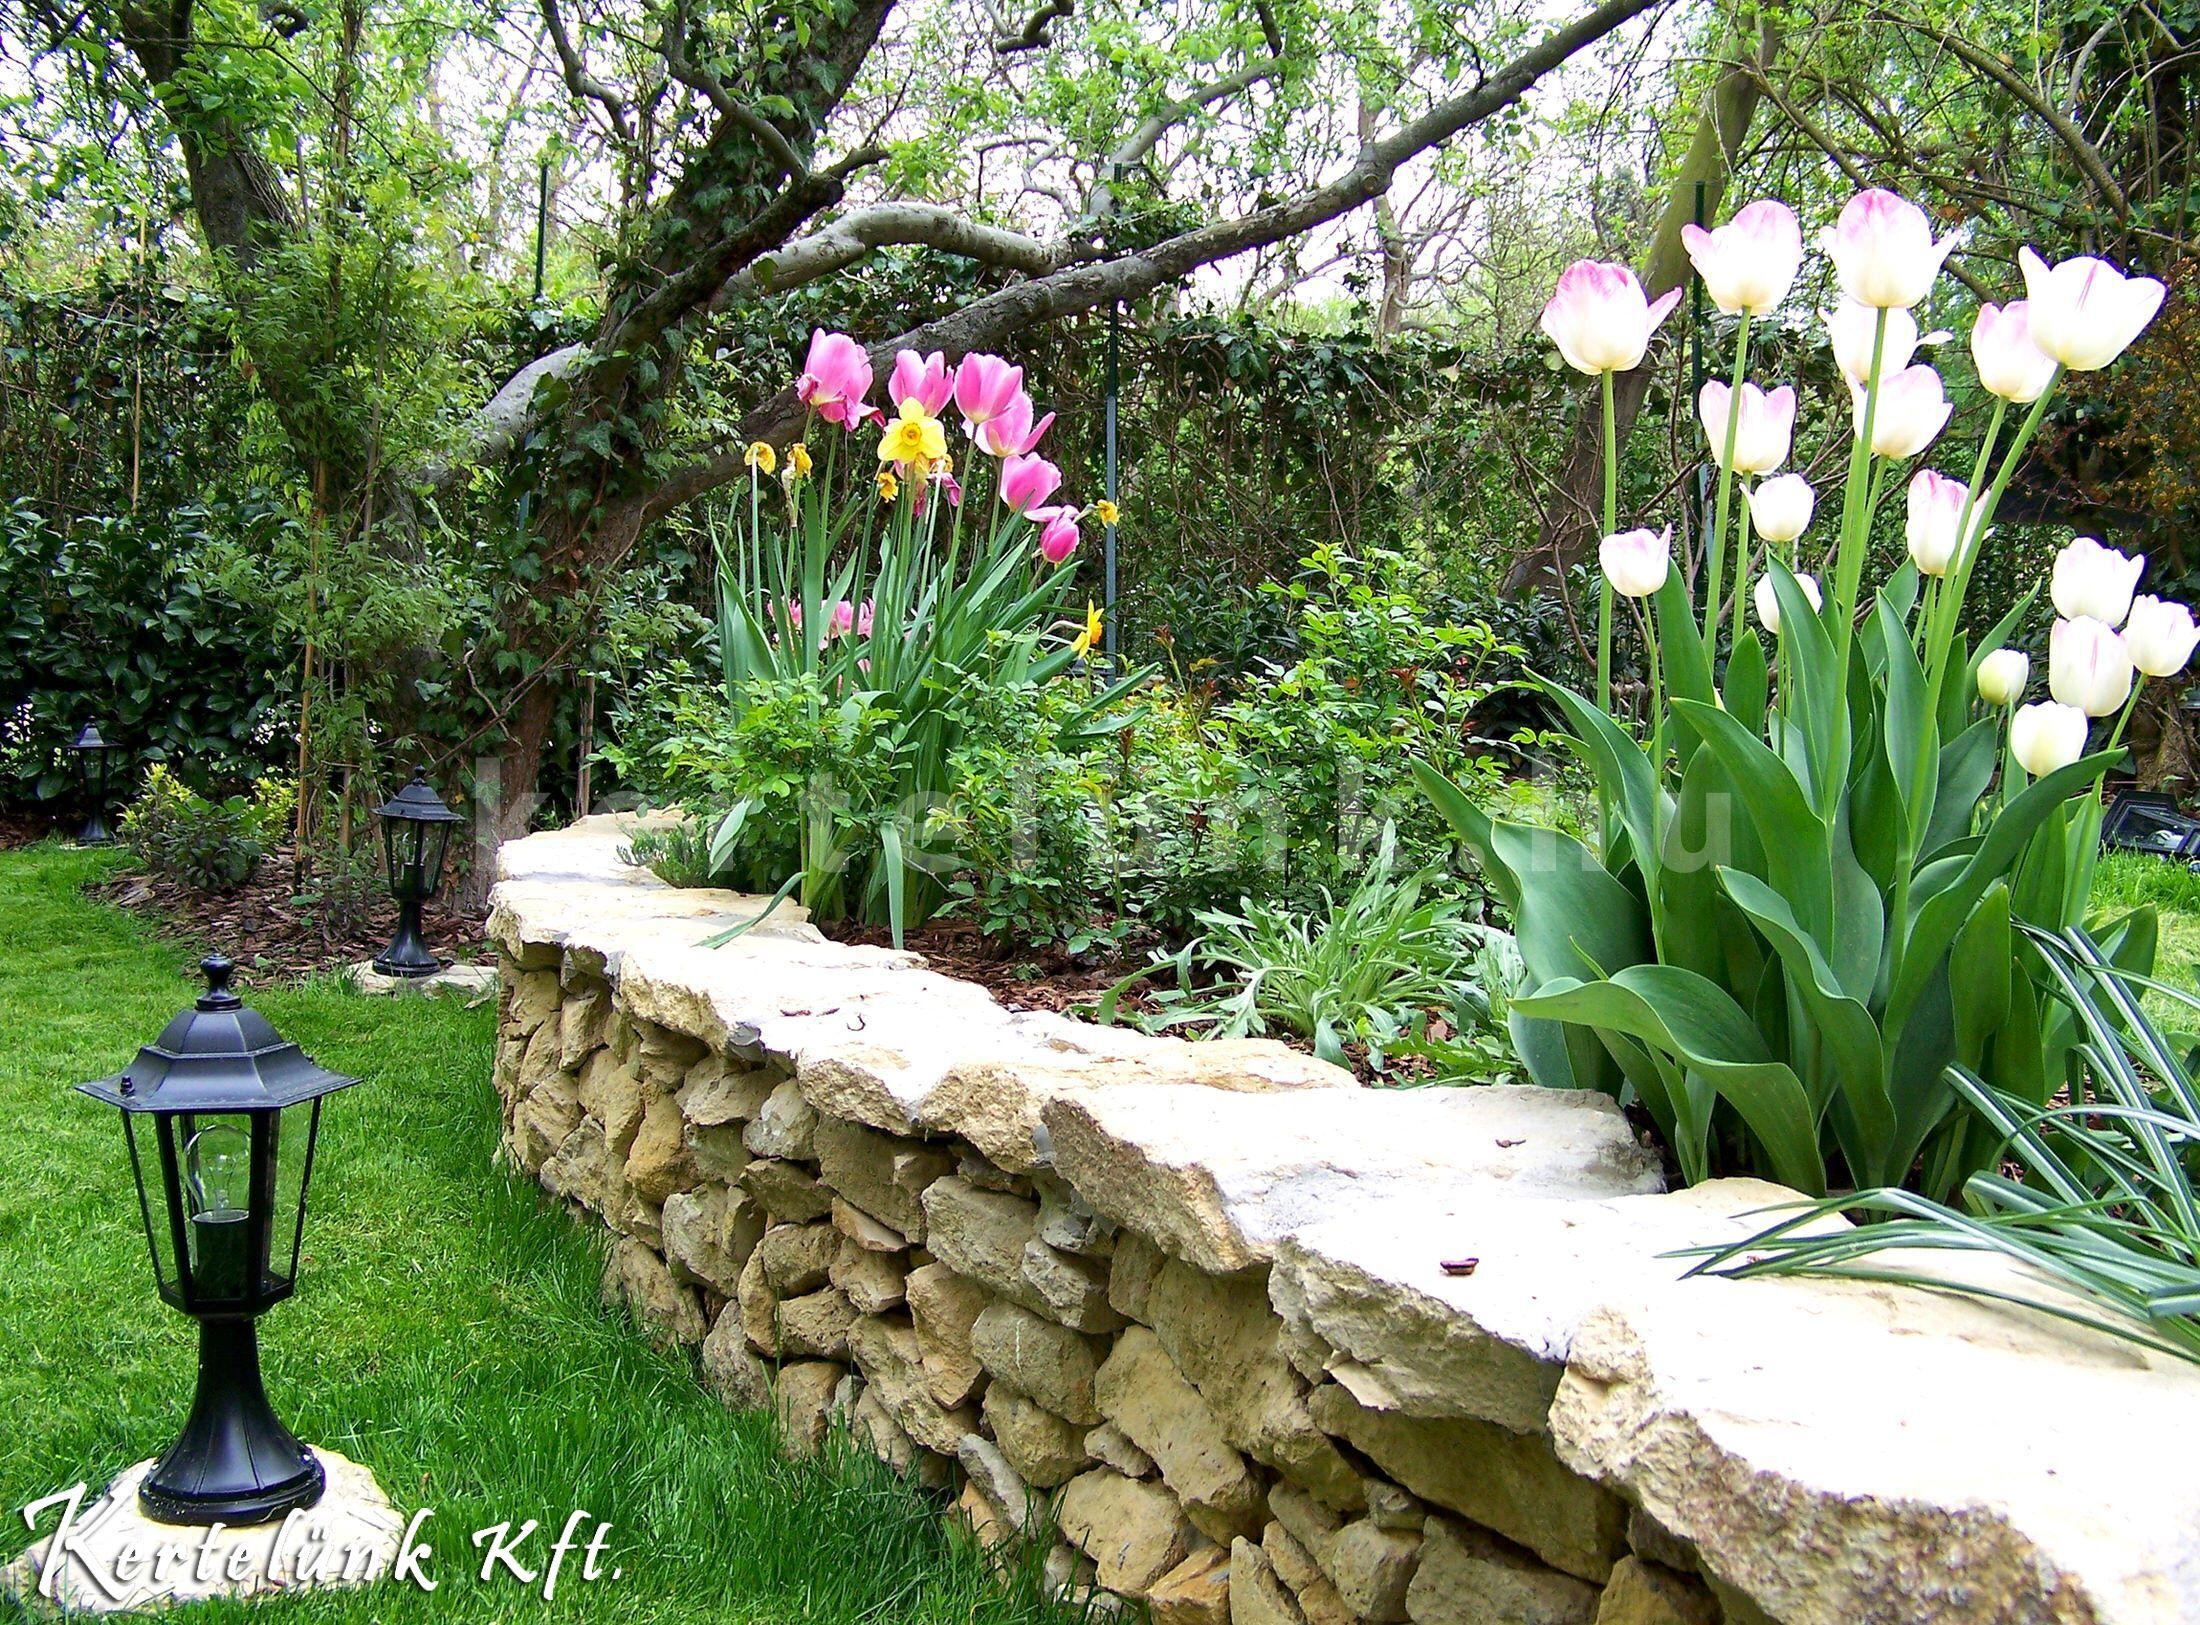 Kora tavasszal nyíló tulipánok.